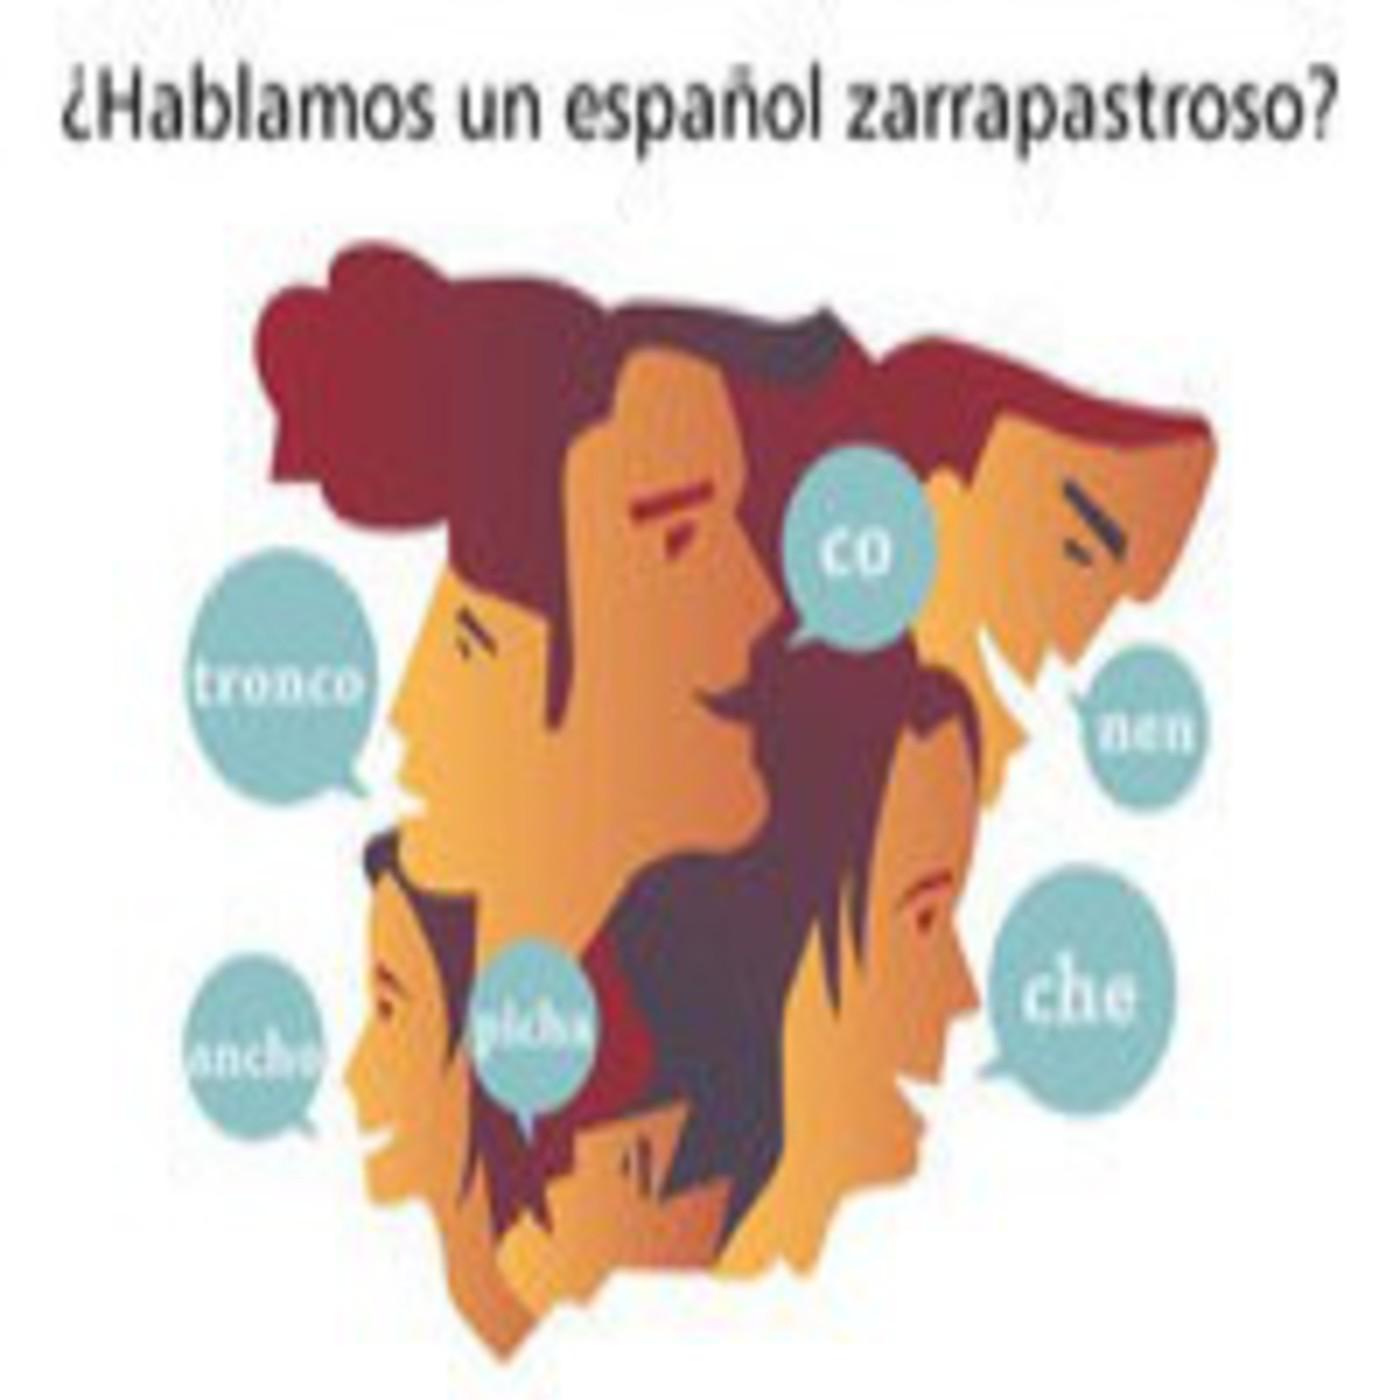 La Noche en Vela - RNE - 13 de Noviembre de 2012 - ¿Hablamos un español zarrapastroso?